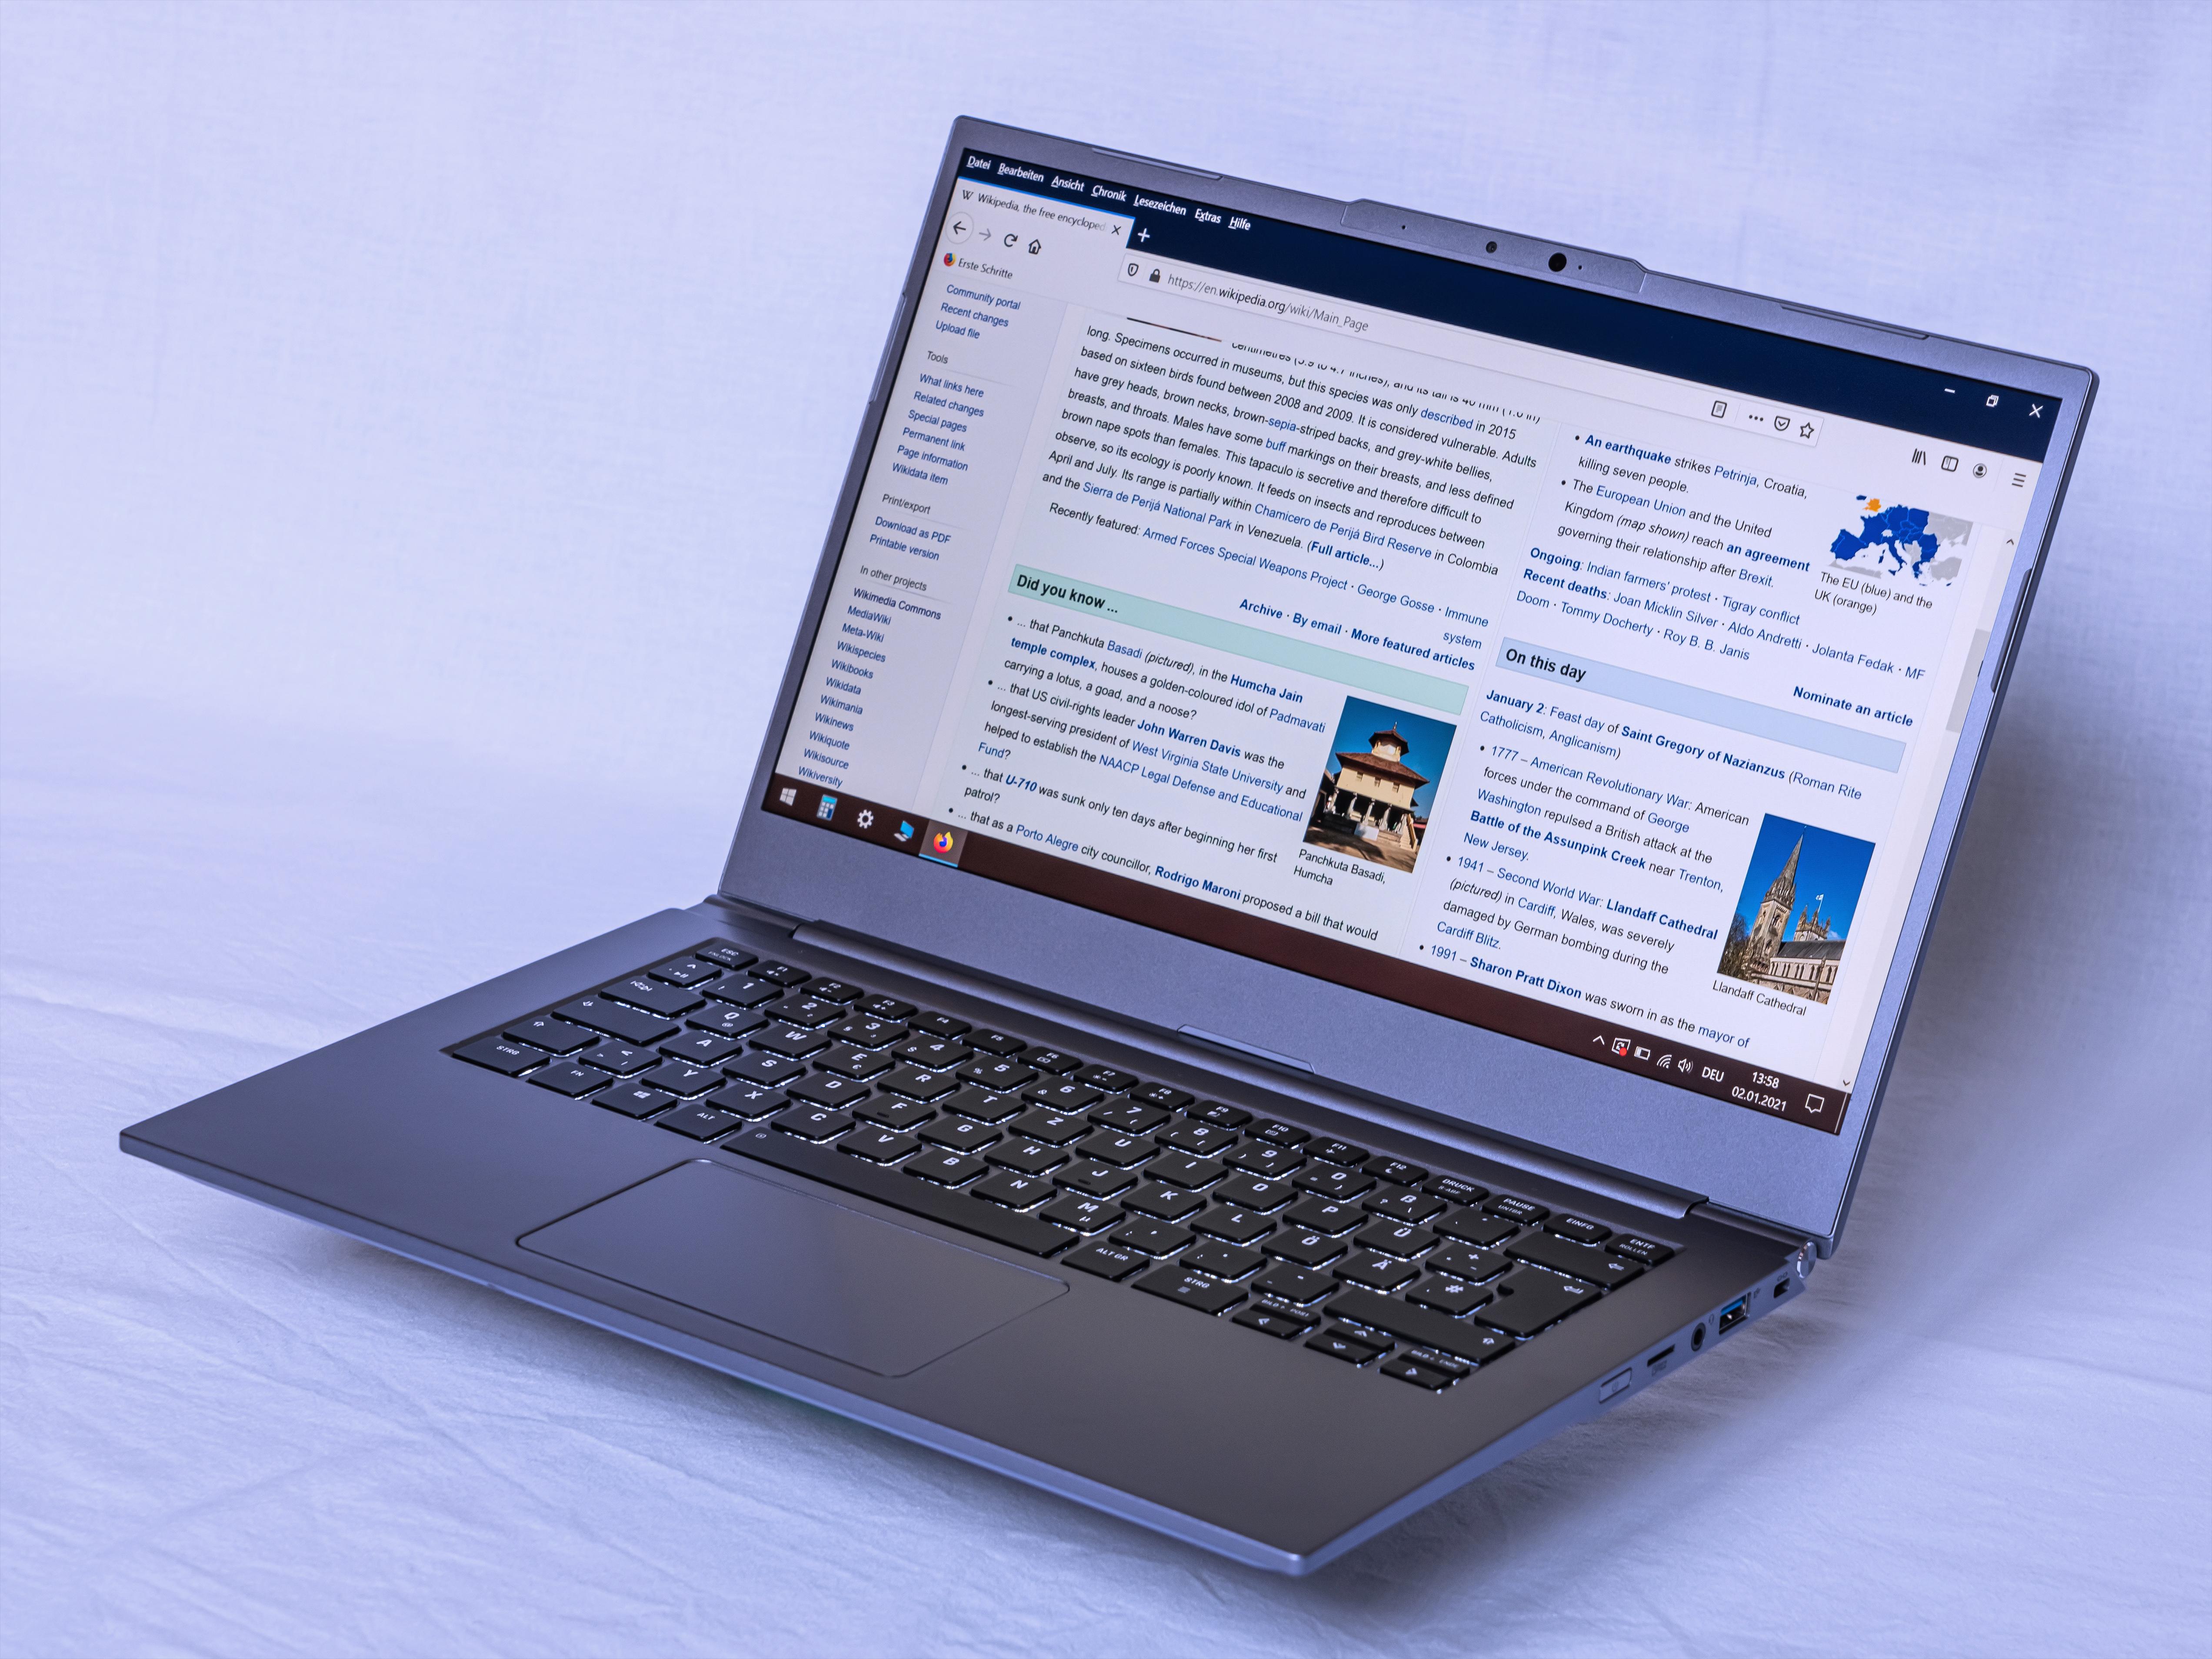 Переносной компьютер не ноутбук трусы послеродовые утягивающие с высокой талией